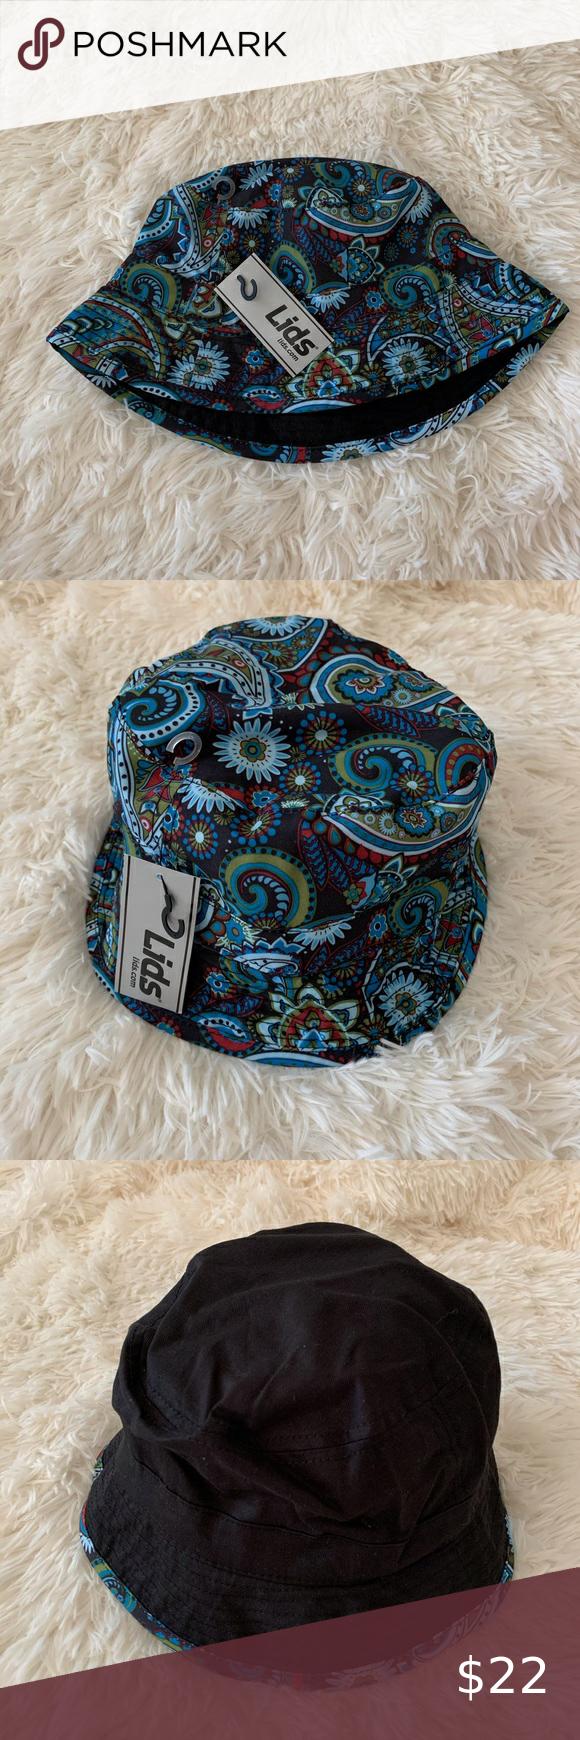 Lids Reversible Bucket Hat Women Accessories Hats Black Bucket Hat Bucket Hat